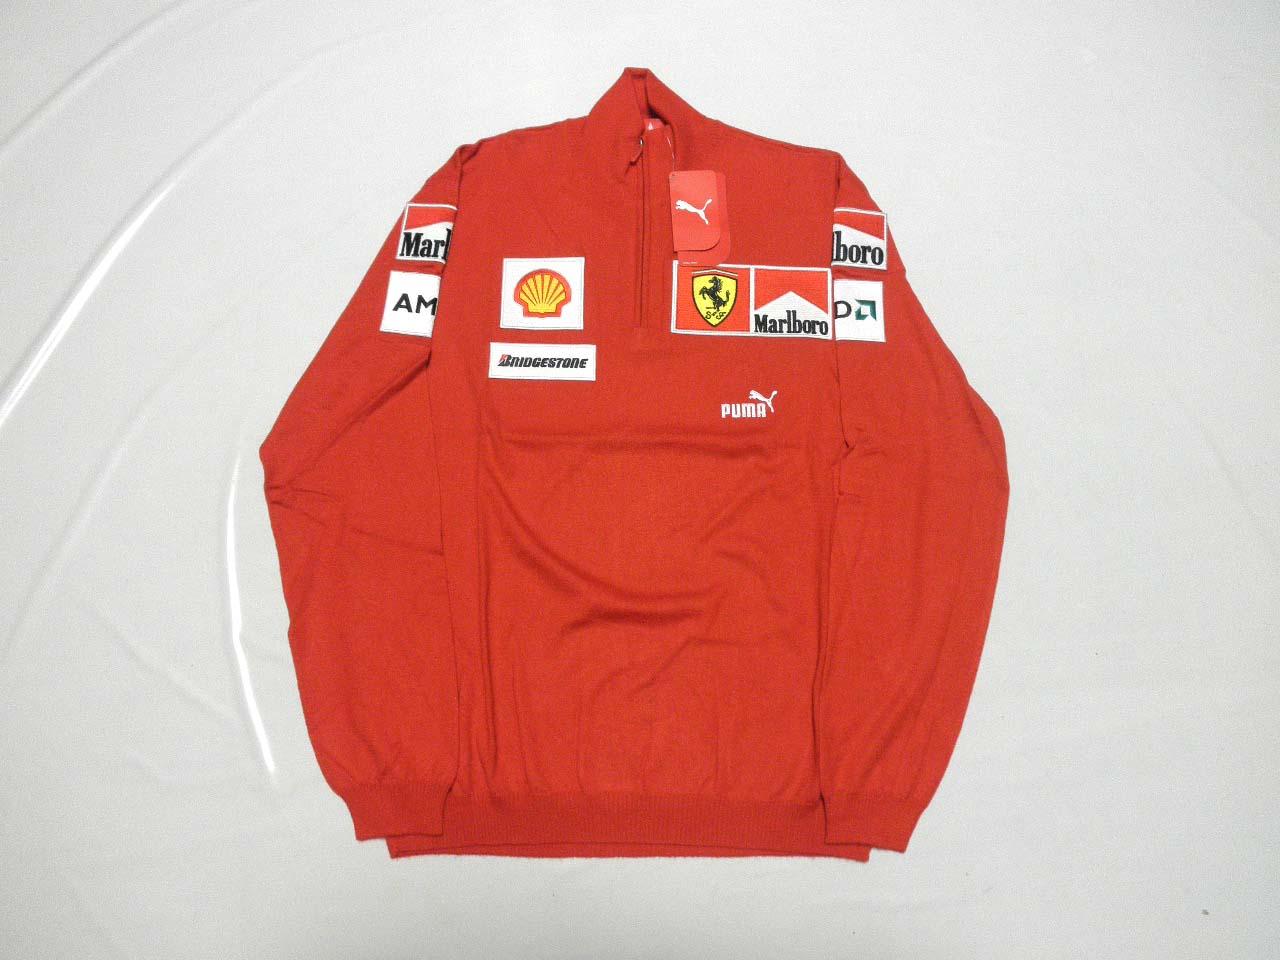 【送料無料】 フェラーリ 2009年 支給品 マルボロ タバコ版 上層部用 超高級 カシミア ハーフZIP プルオーバー セーター メンズ M new 新品 (海外直輸入 F1 非売品 グッズ)